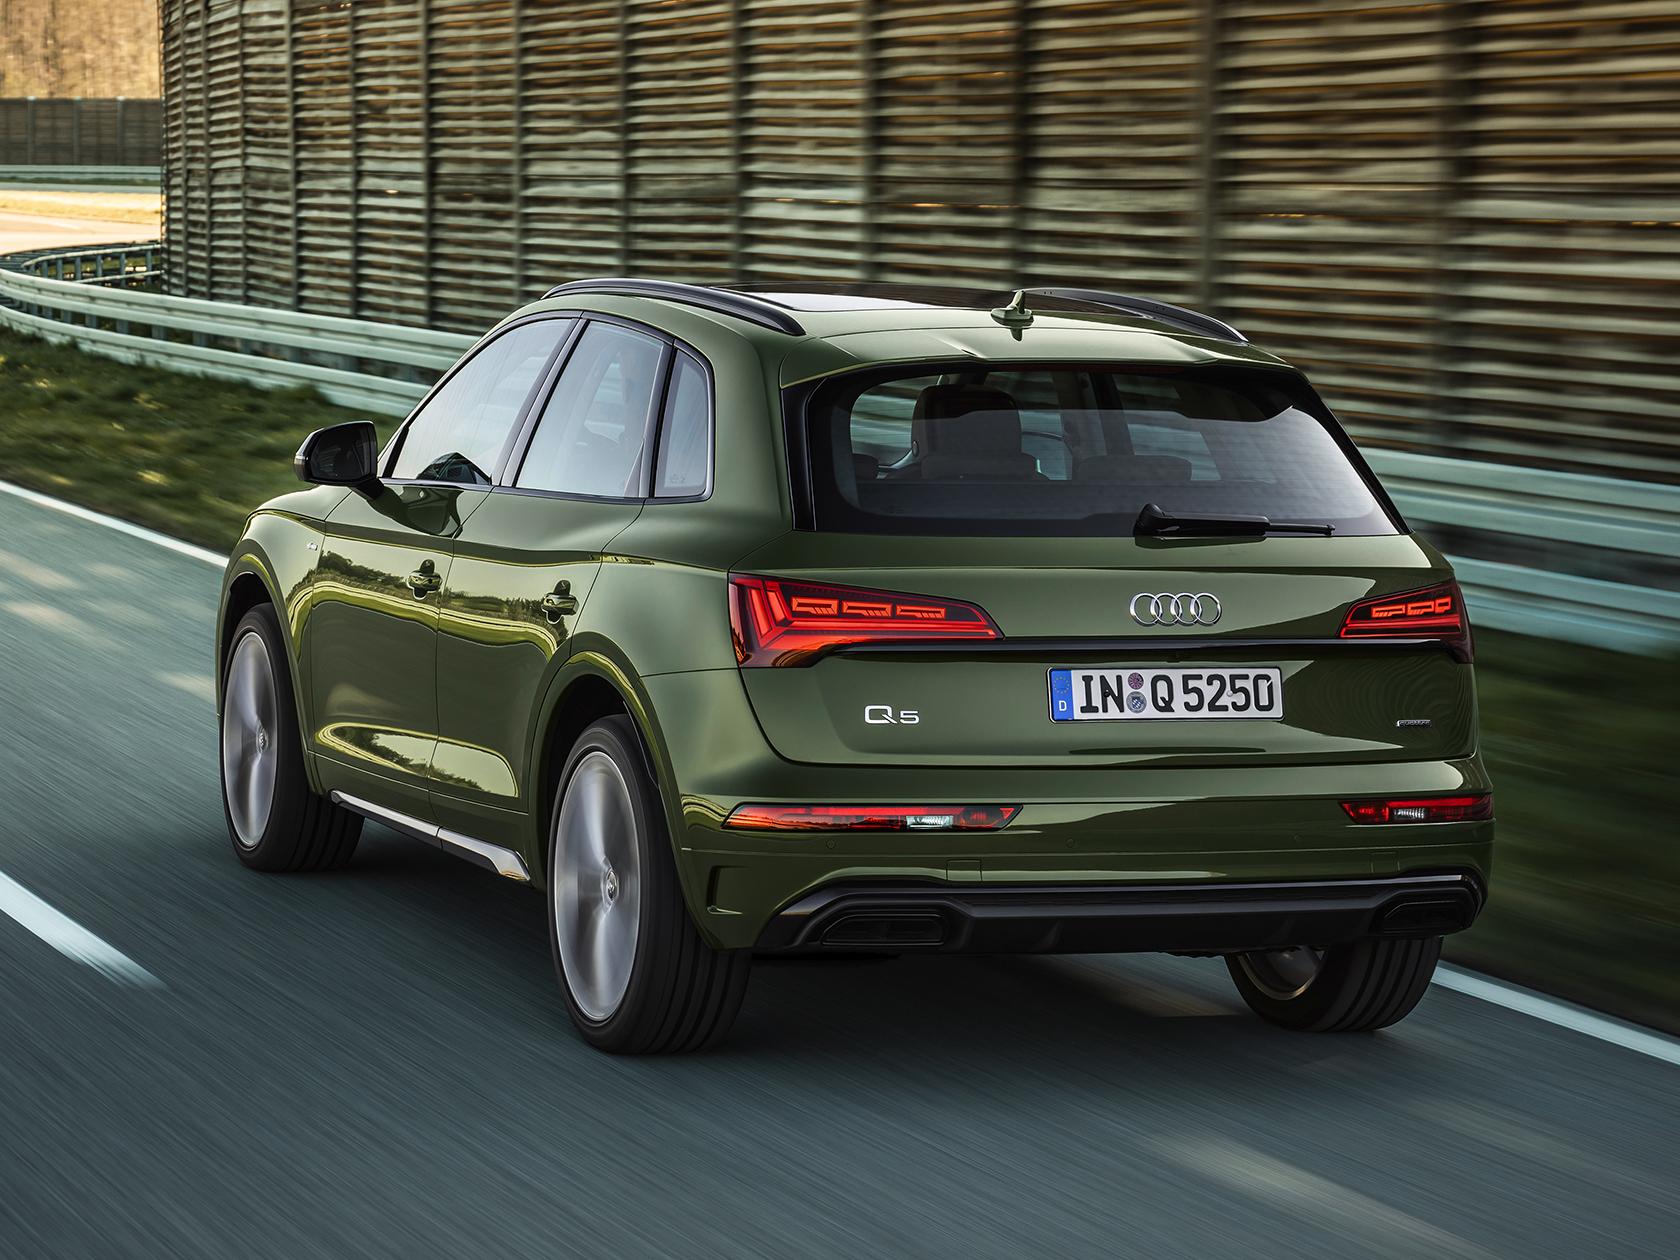 De_vernieuwde_Audi_Q5_modelfoto_8.jpg